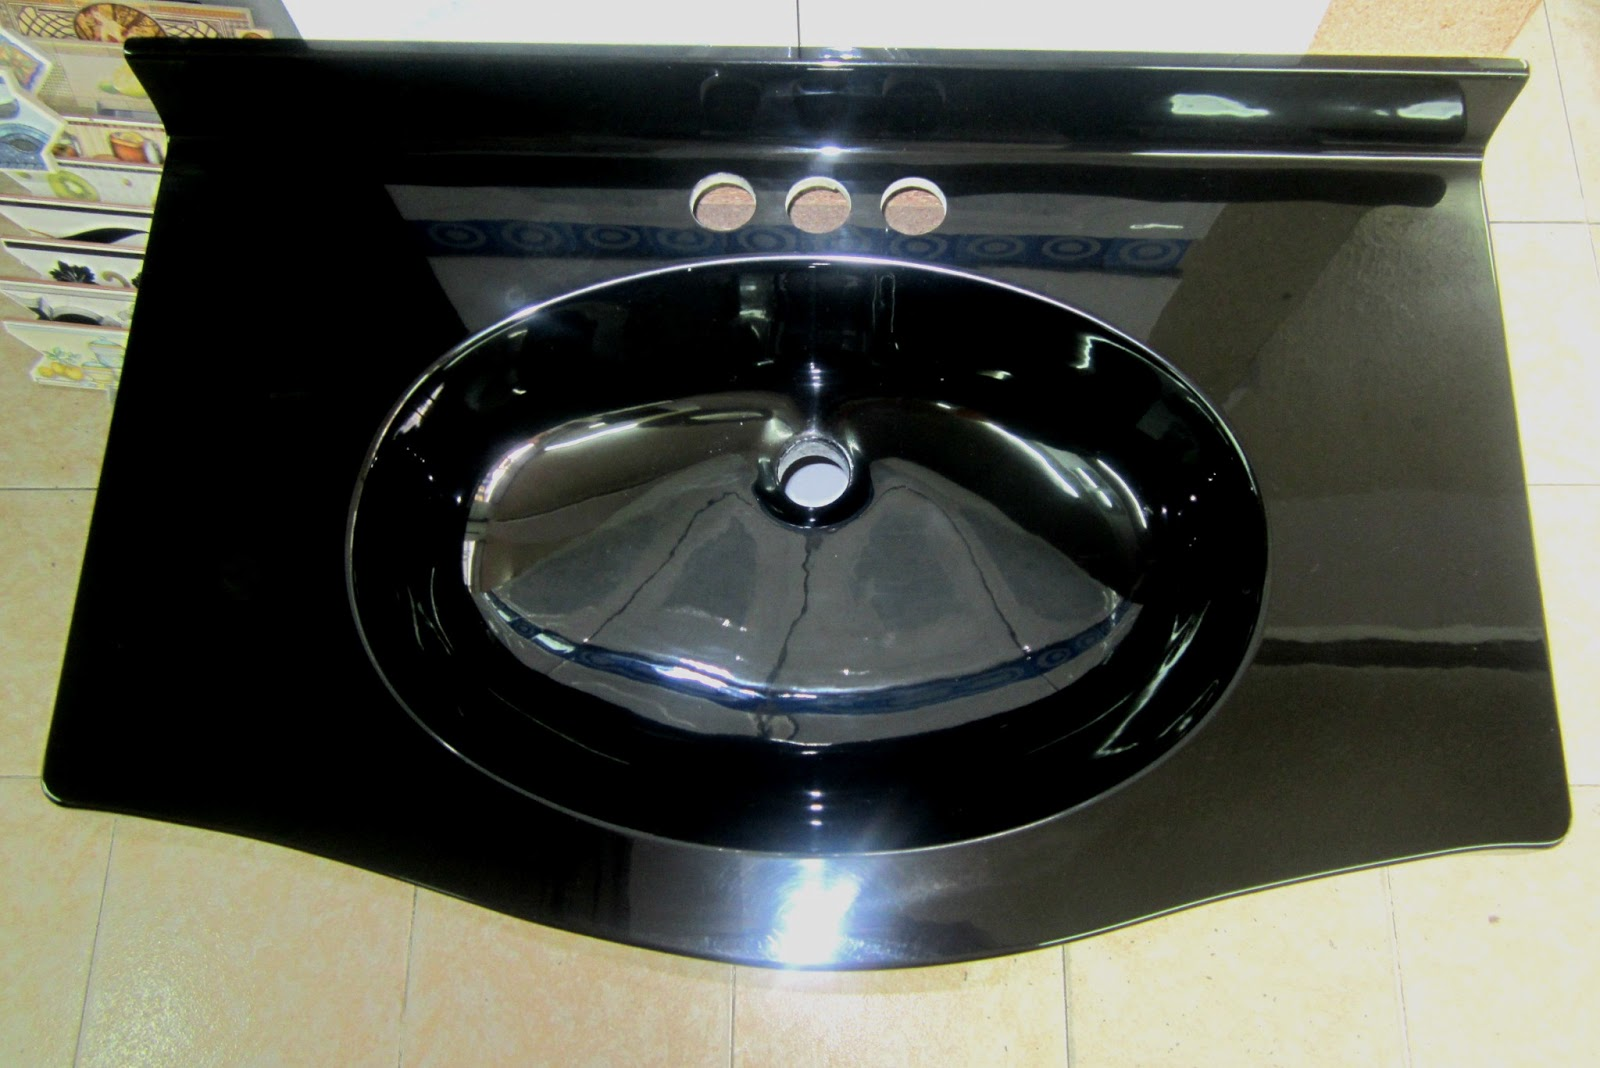 Puertas De Baño En Fibra:muebles para baño y cocina en policuarzo y fibra de vidrio: abril